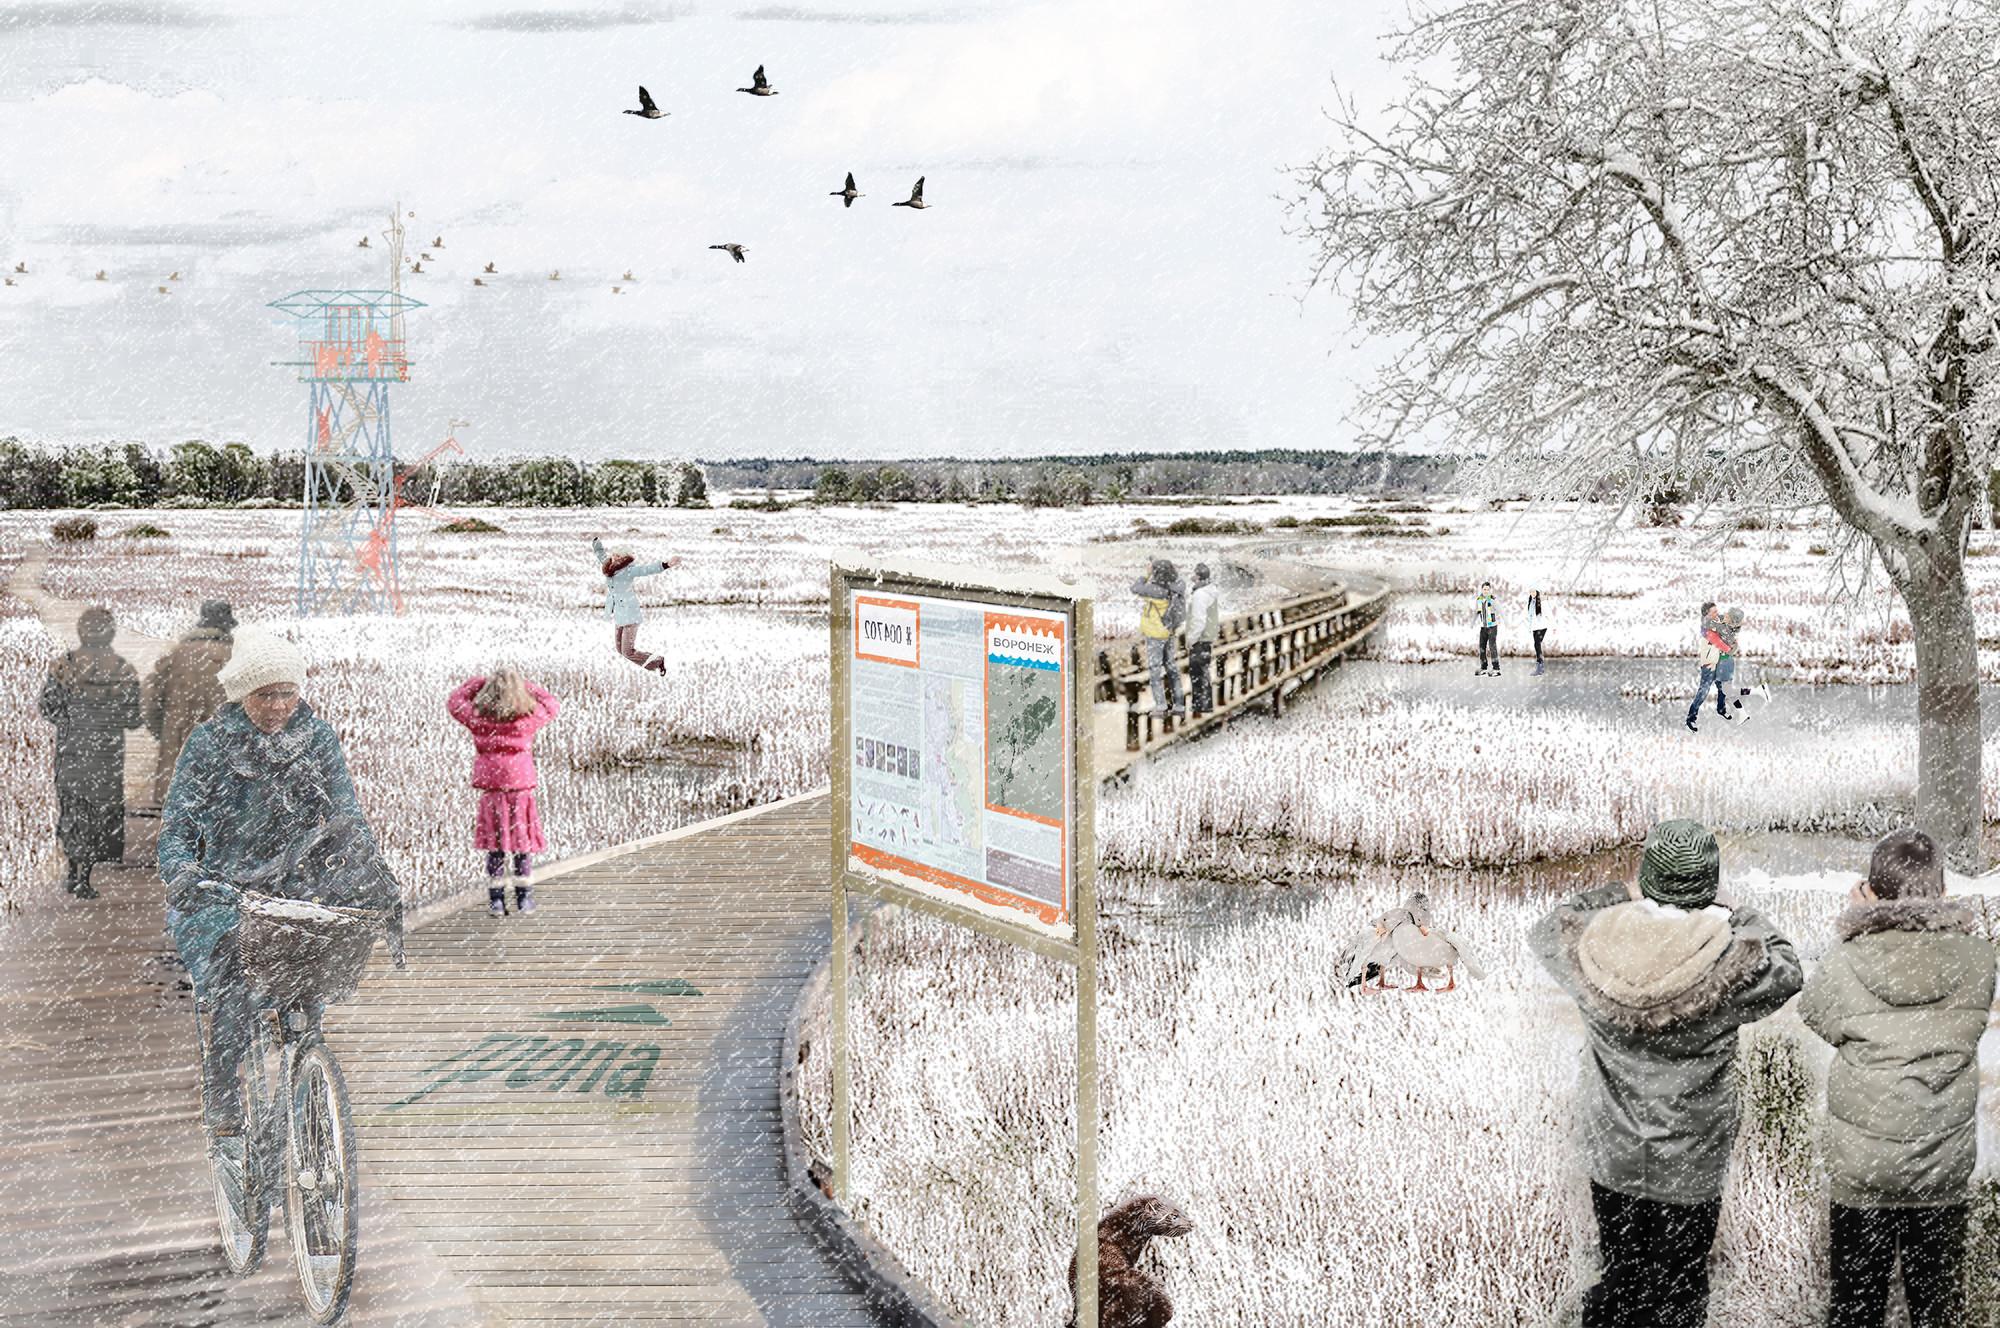 Senderos en humedales. Image Cortesia de Ecosistema Urbano